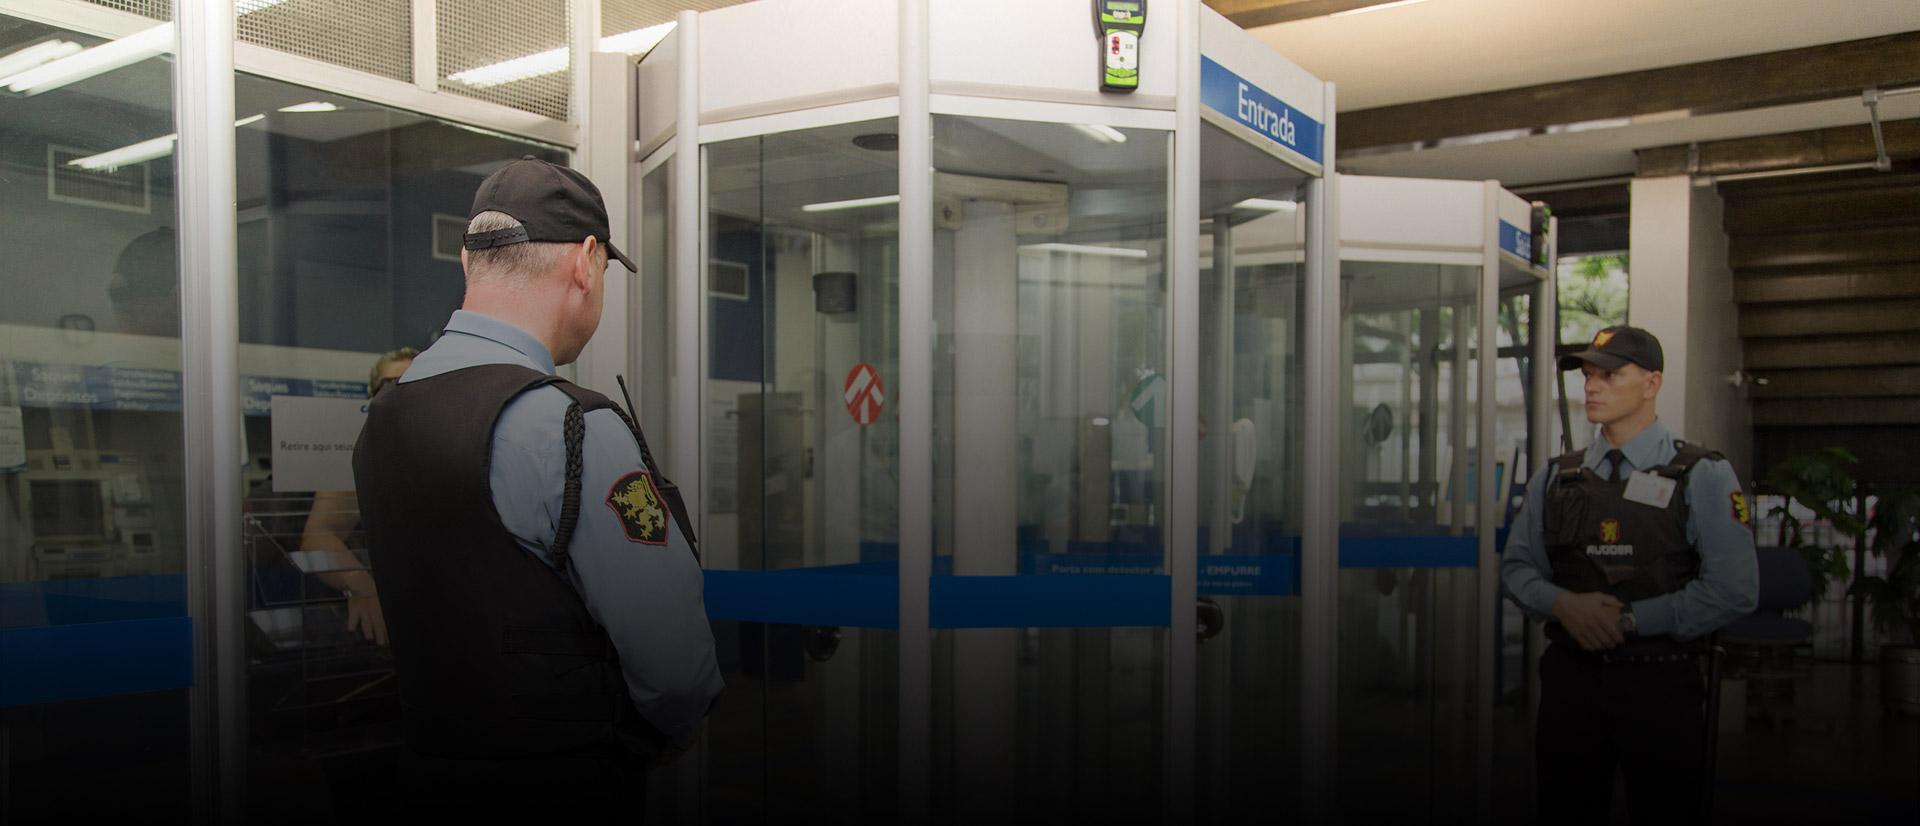 Agentes de segurança em frente à porta-giratória de um banco